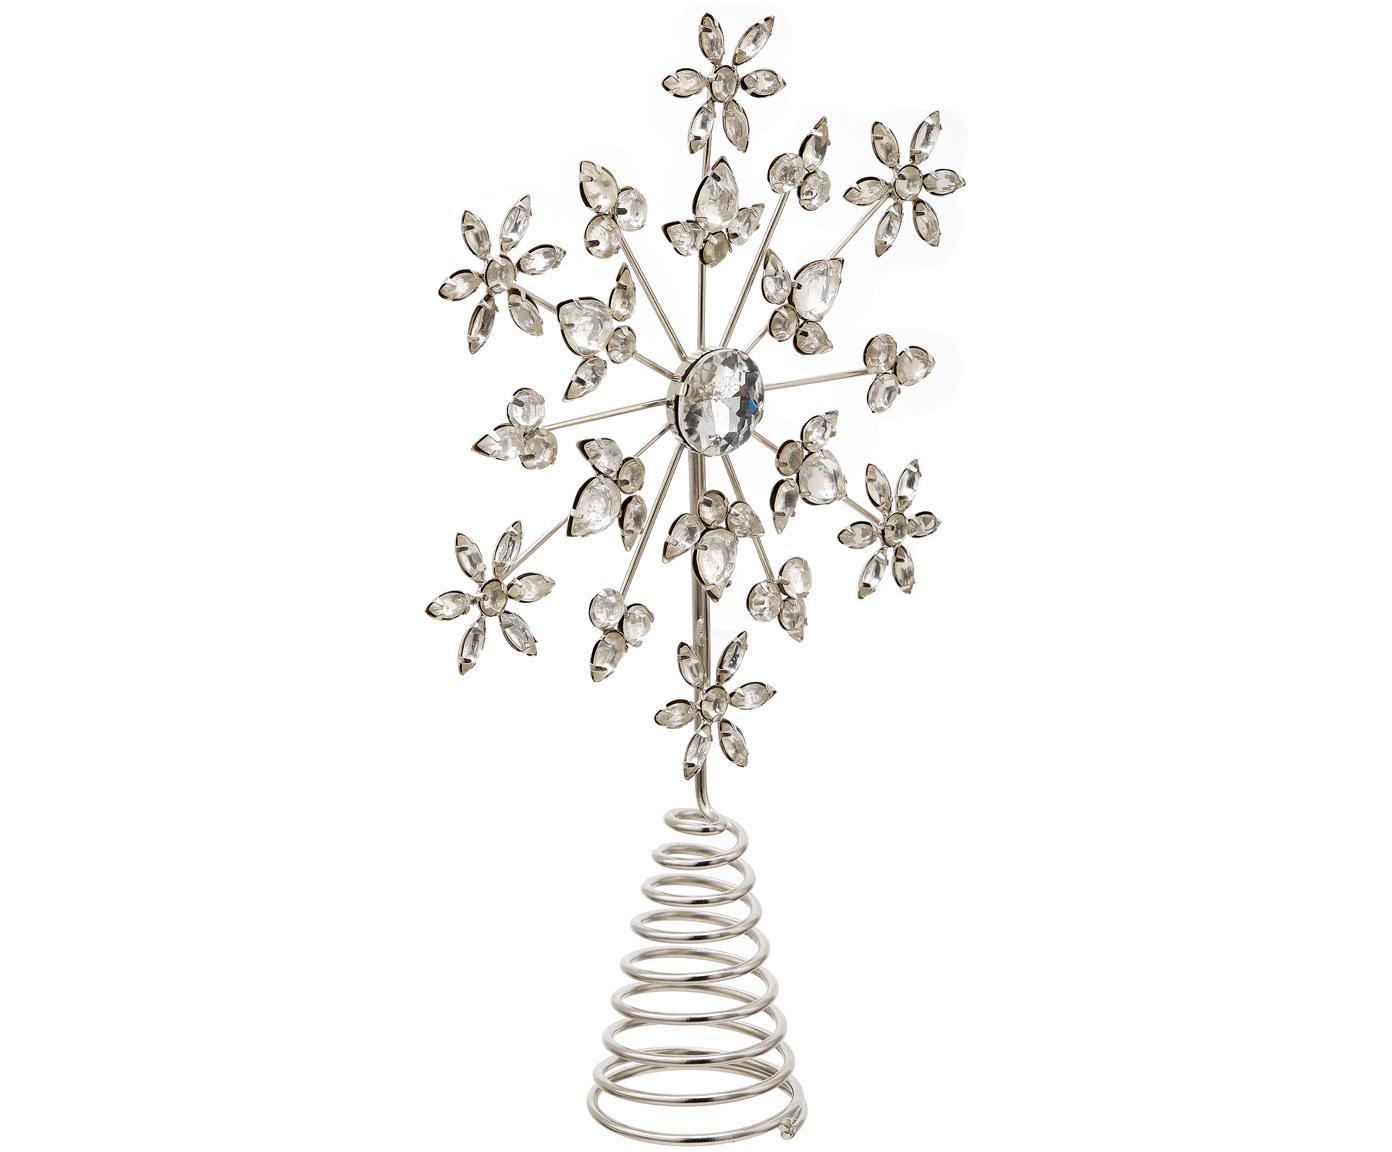 Weihnachtsbaumspitze Juwel, Gestell: Metall, beschichtet, Silberfarben, 18 x 29 cm